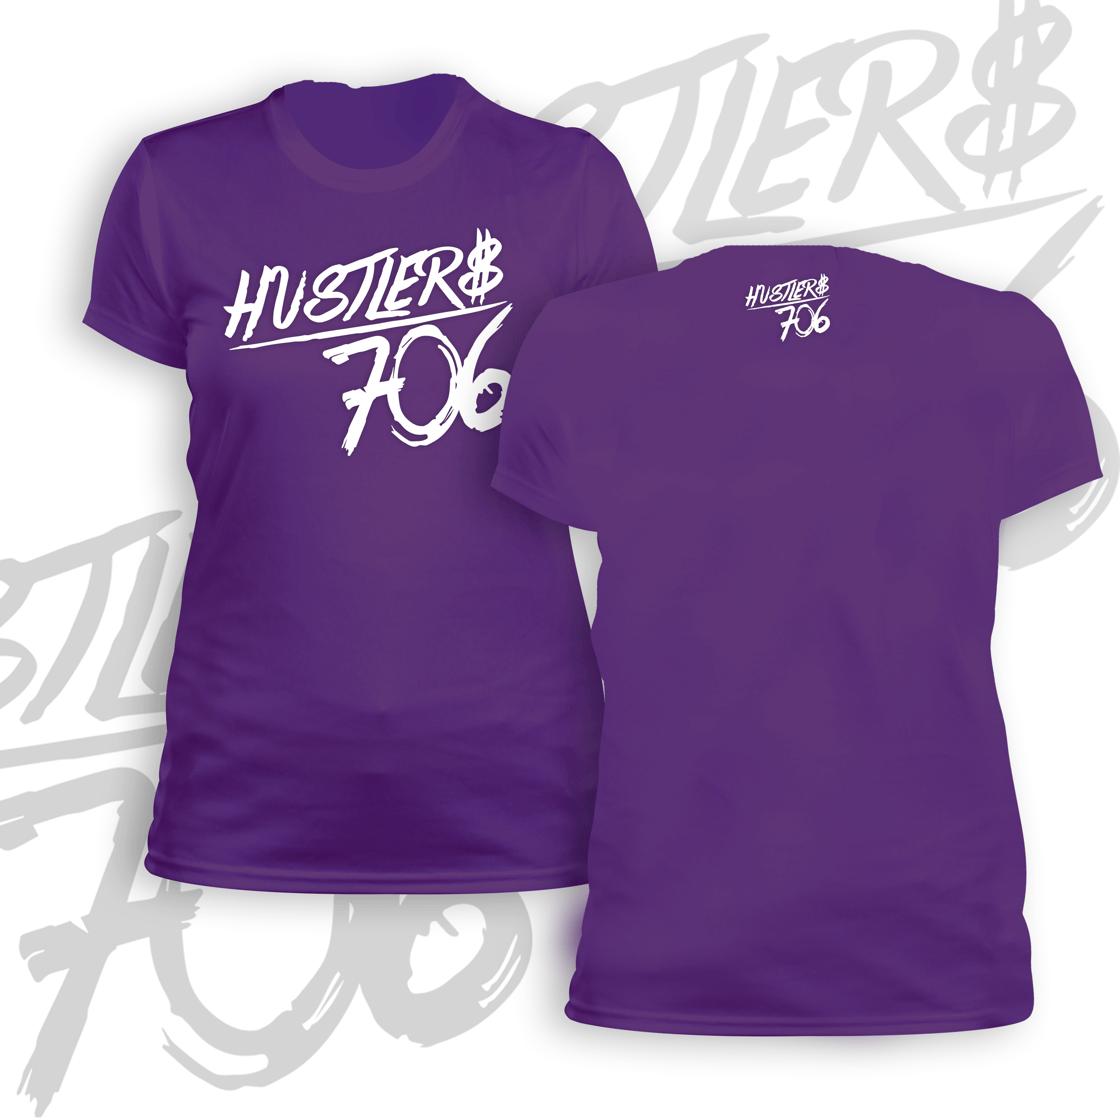 Image of HUSTLER$ 706 (Diva Fit T)